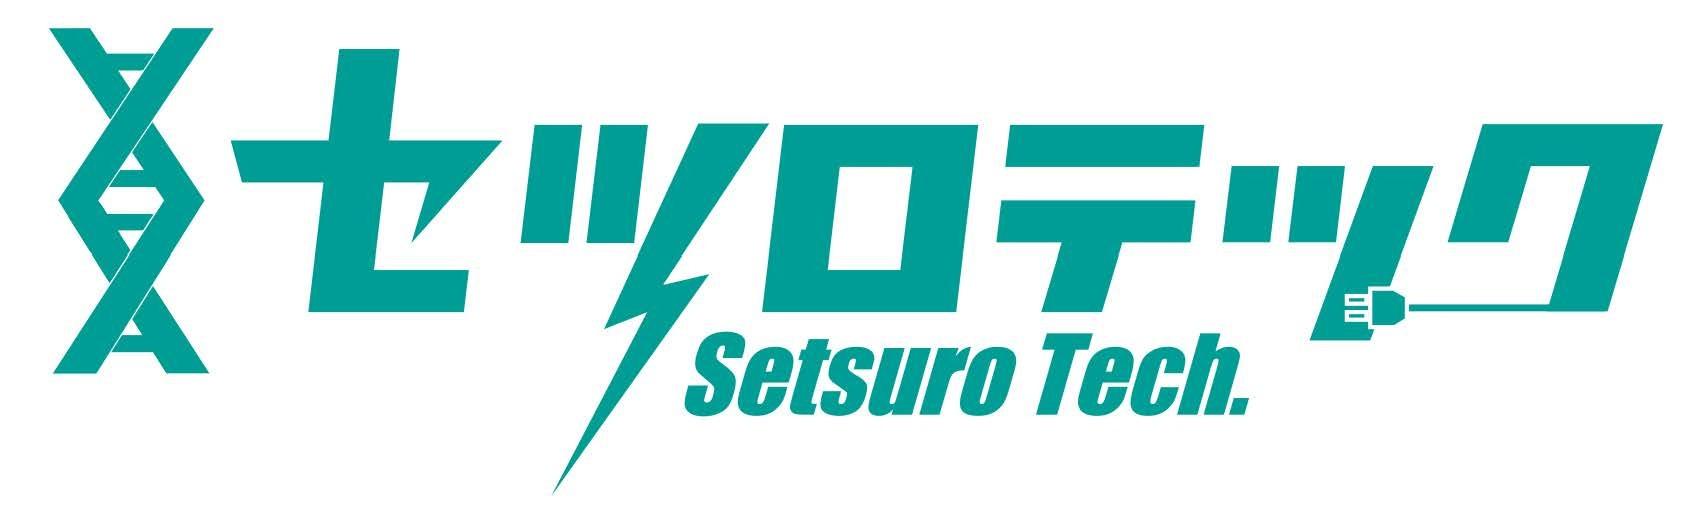 株式会社セツロテックのロゴ